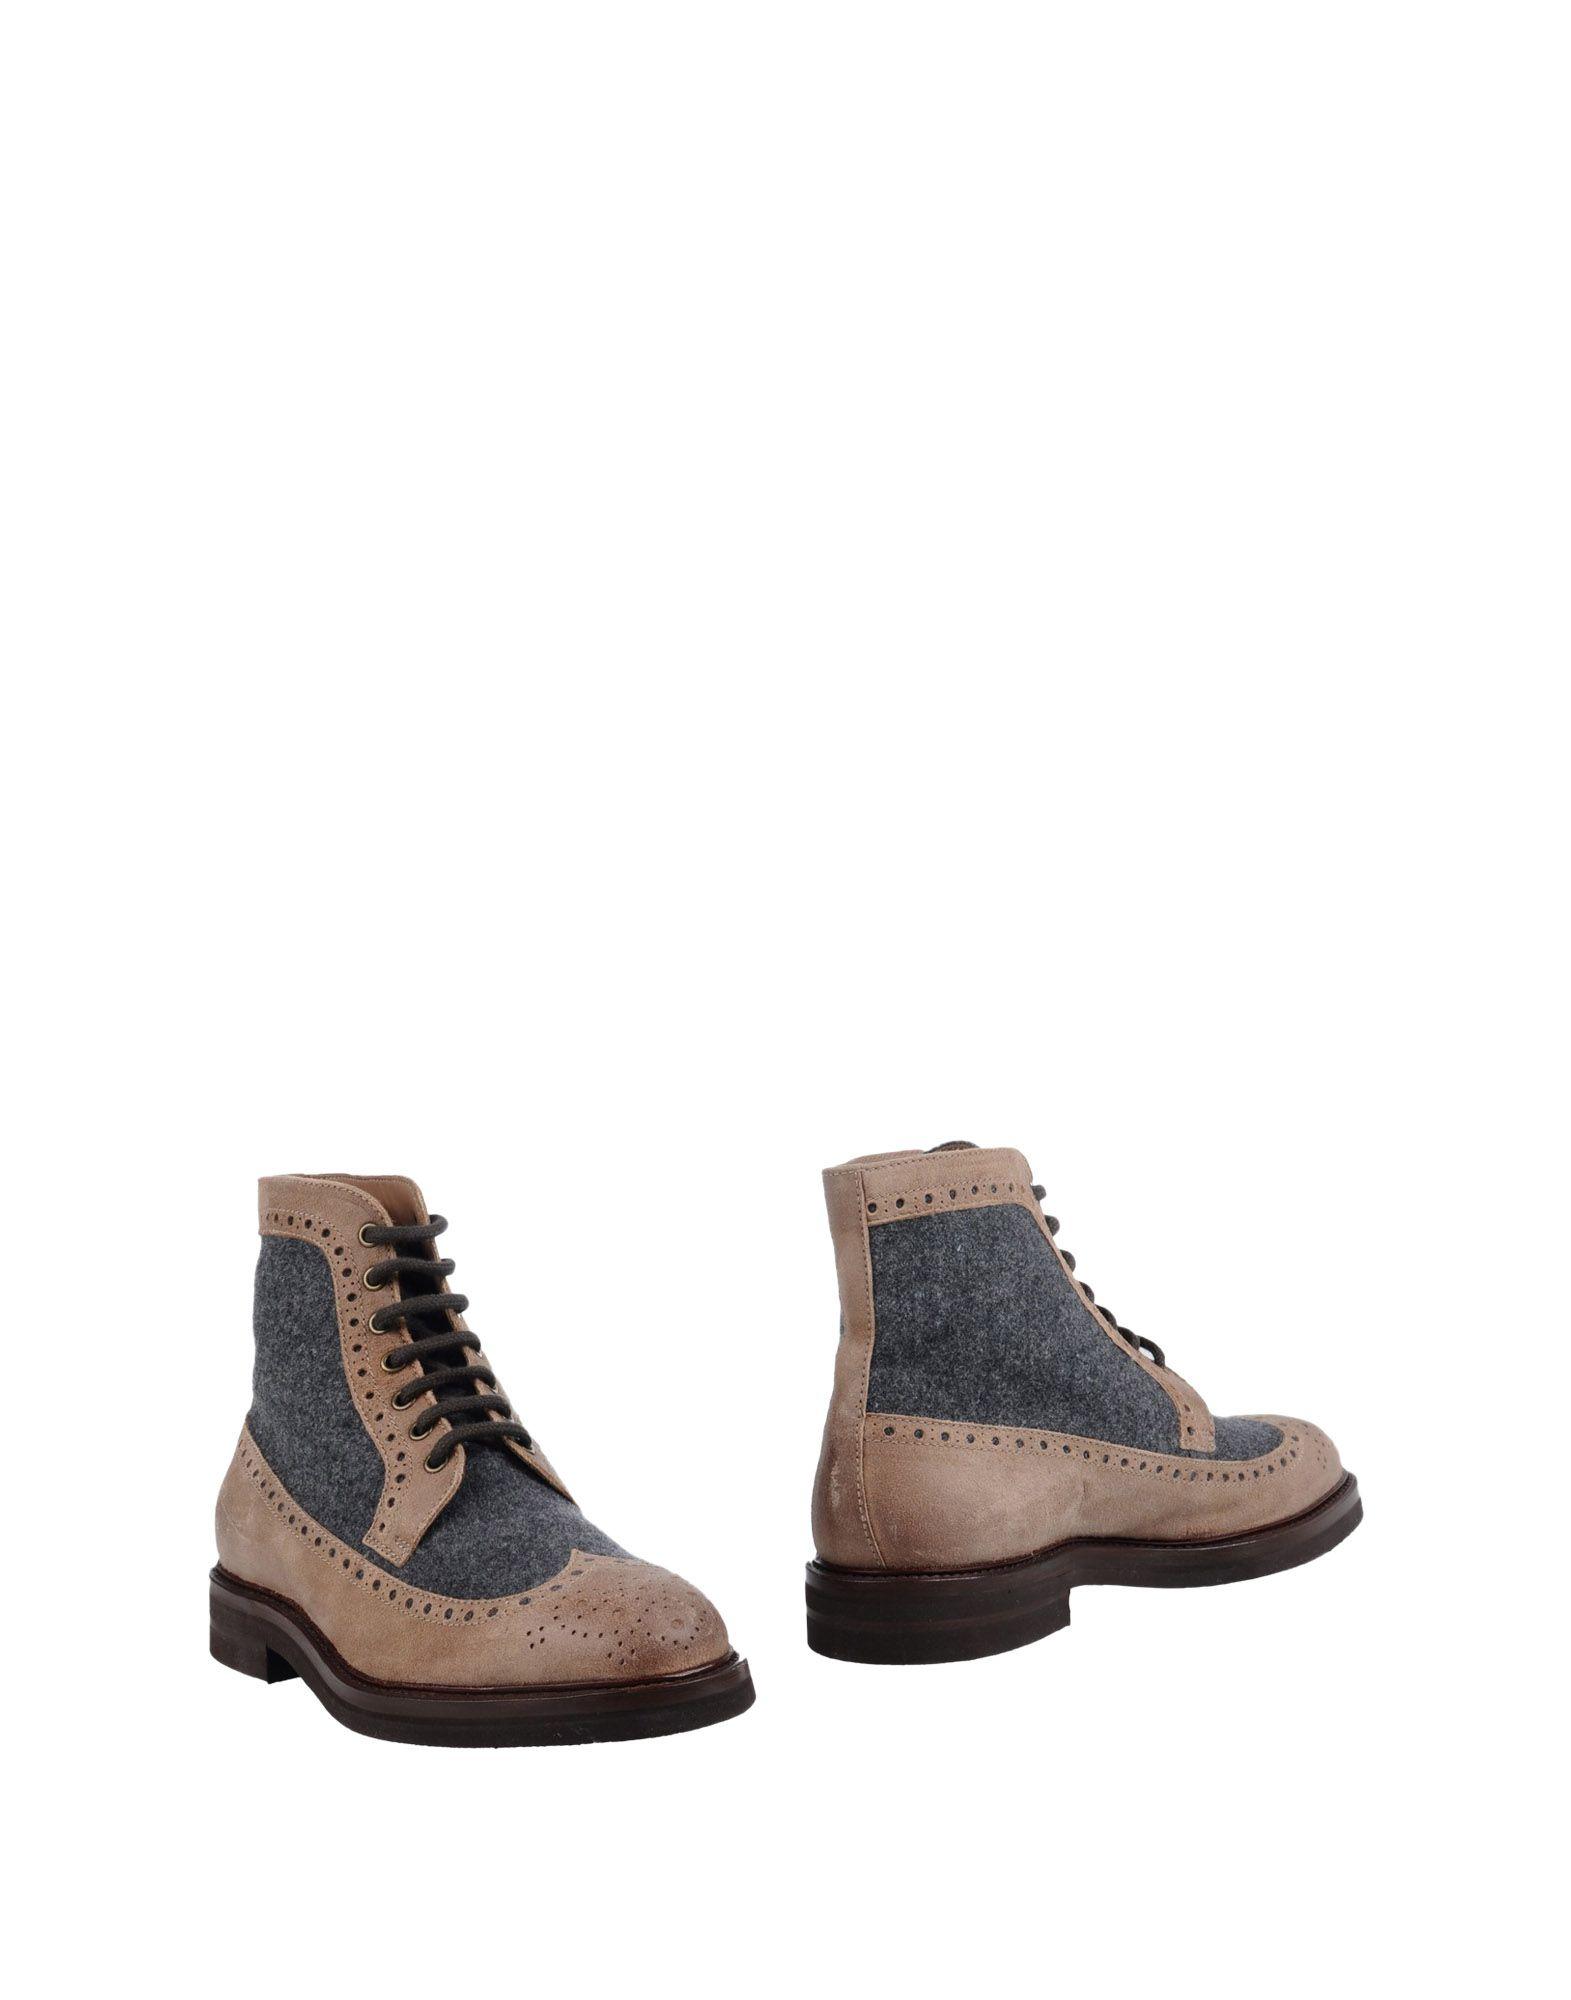 Brunello Cucinelli Stiefelette Herren  11267792BA Gute Qualität beliebte Schuhe